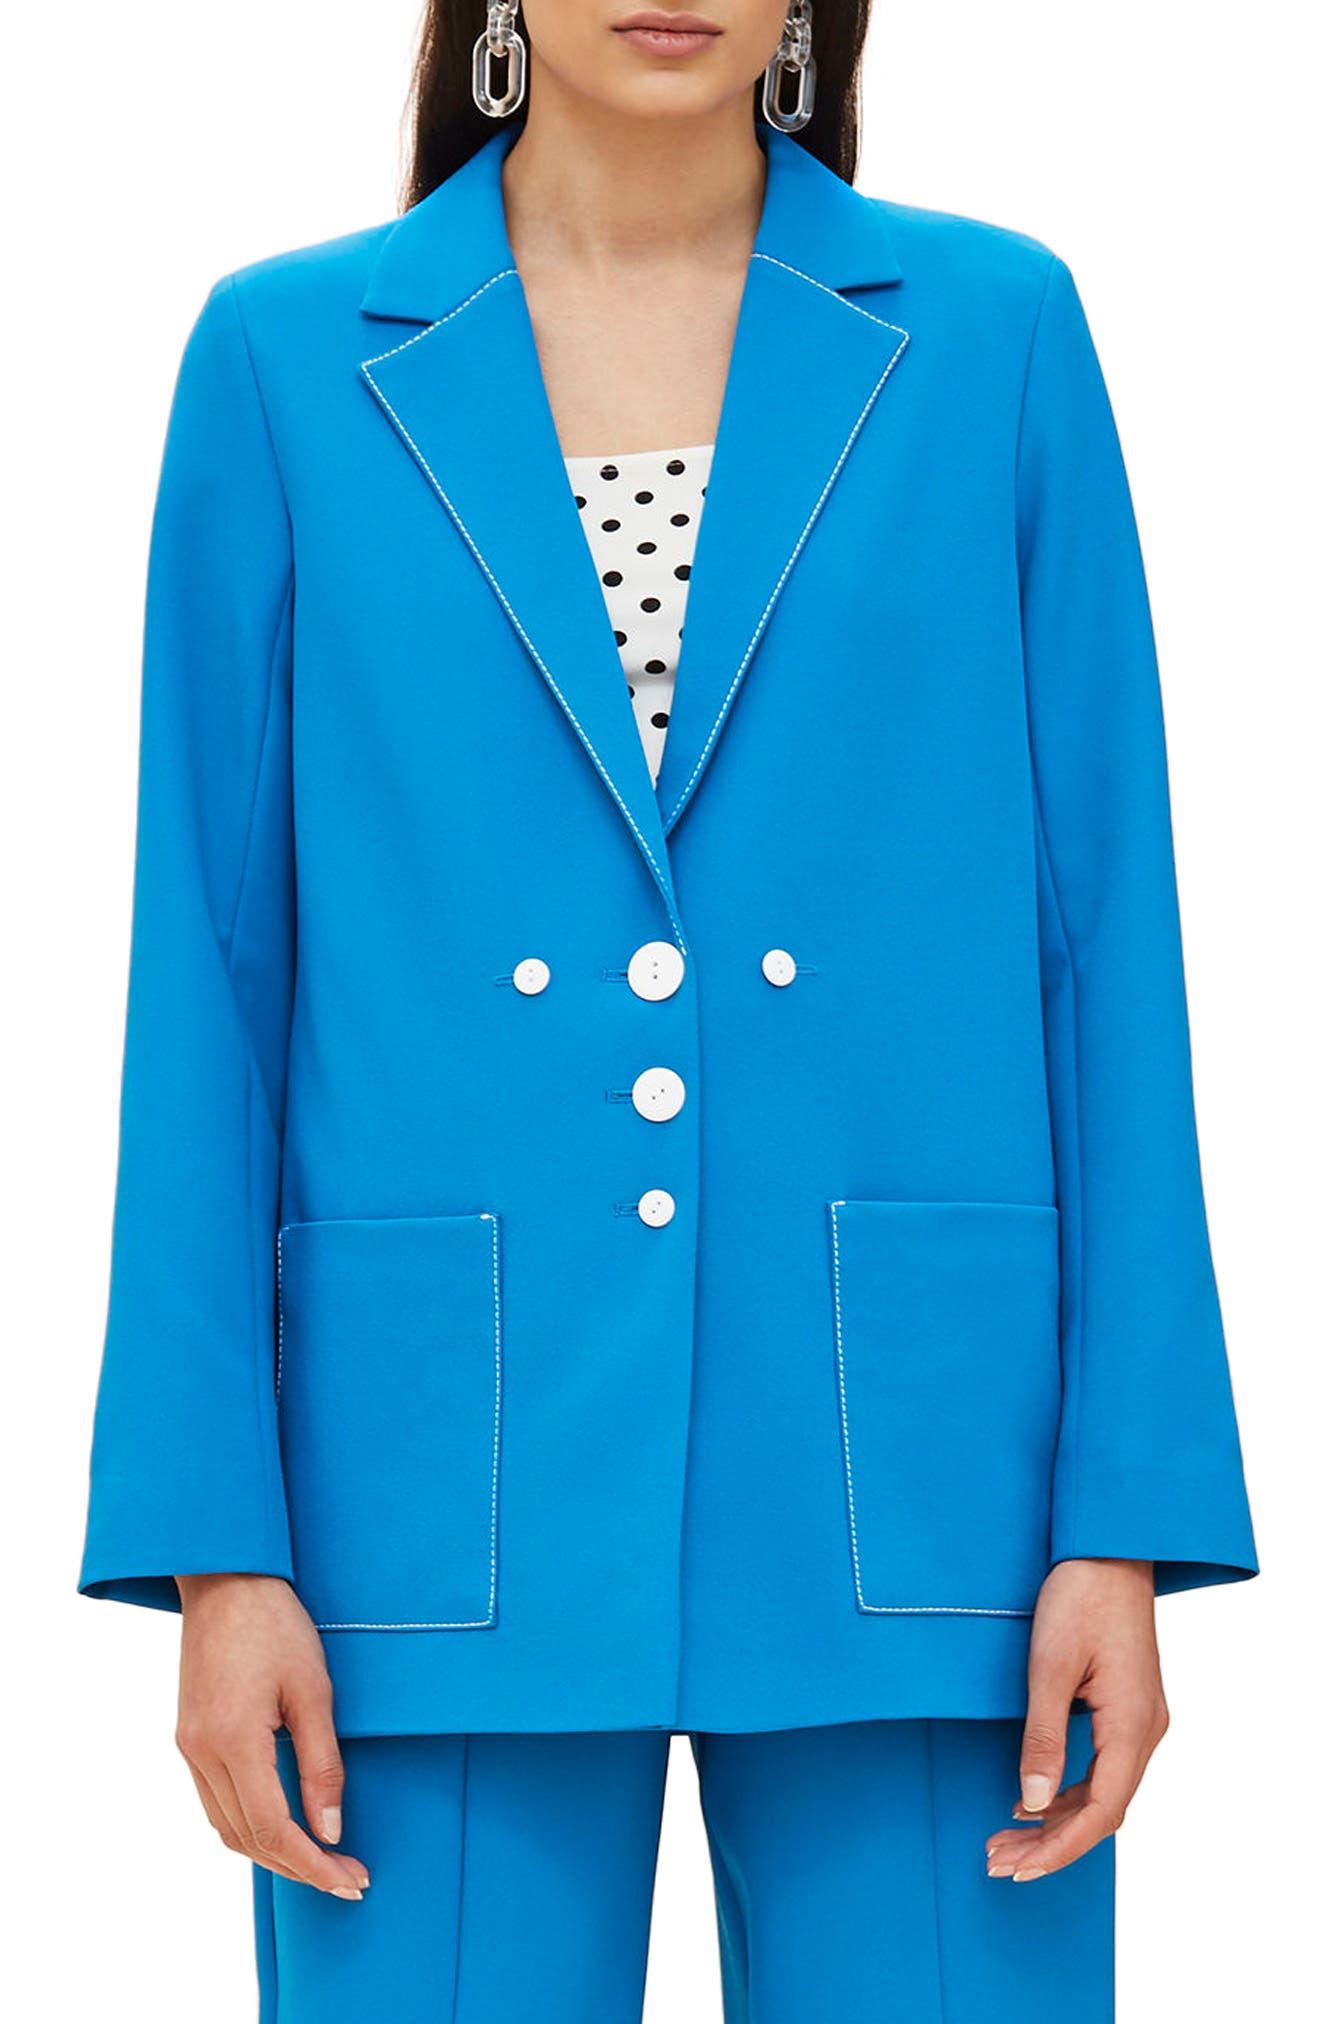 Azure Contrast Stitch Suit Jacket,                         Main,                         color,